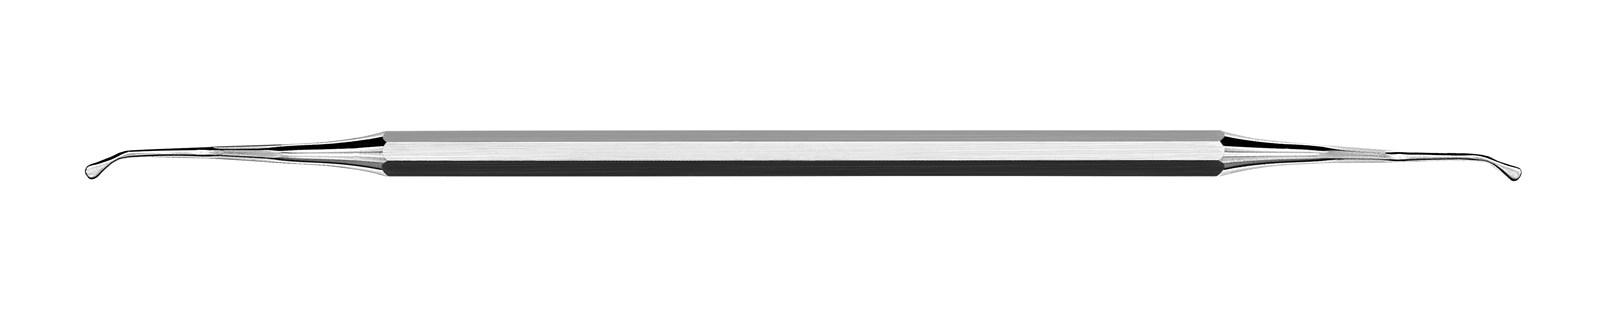 Nůž pro tunelovou techniku - TKP, ADEP tmavě modrý